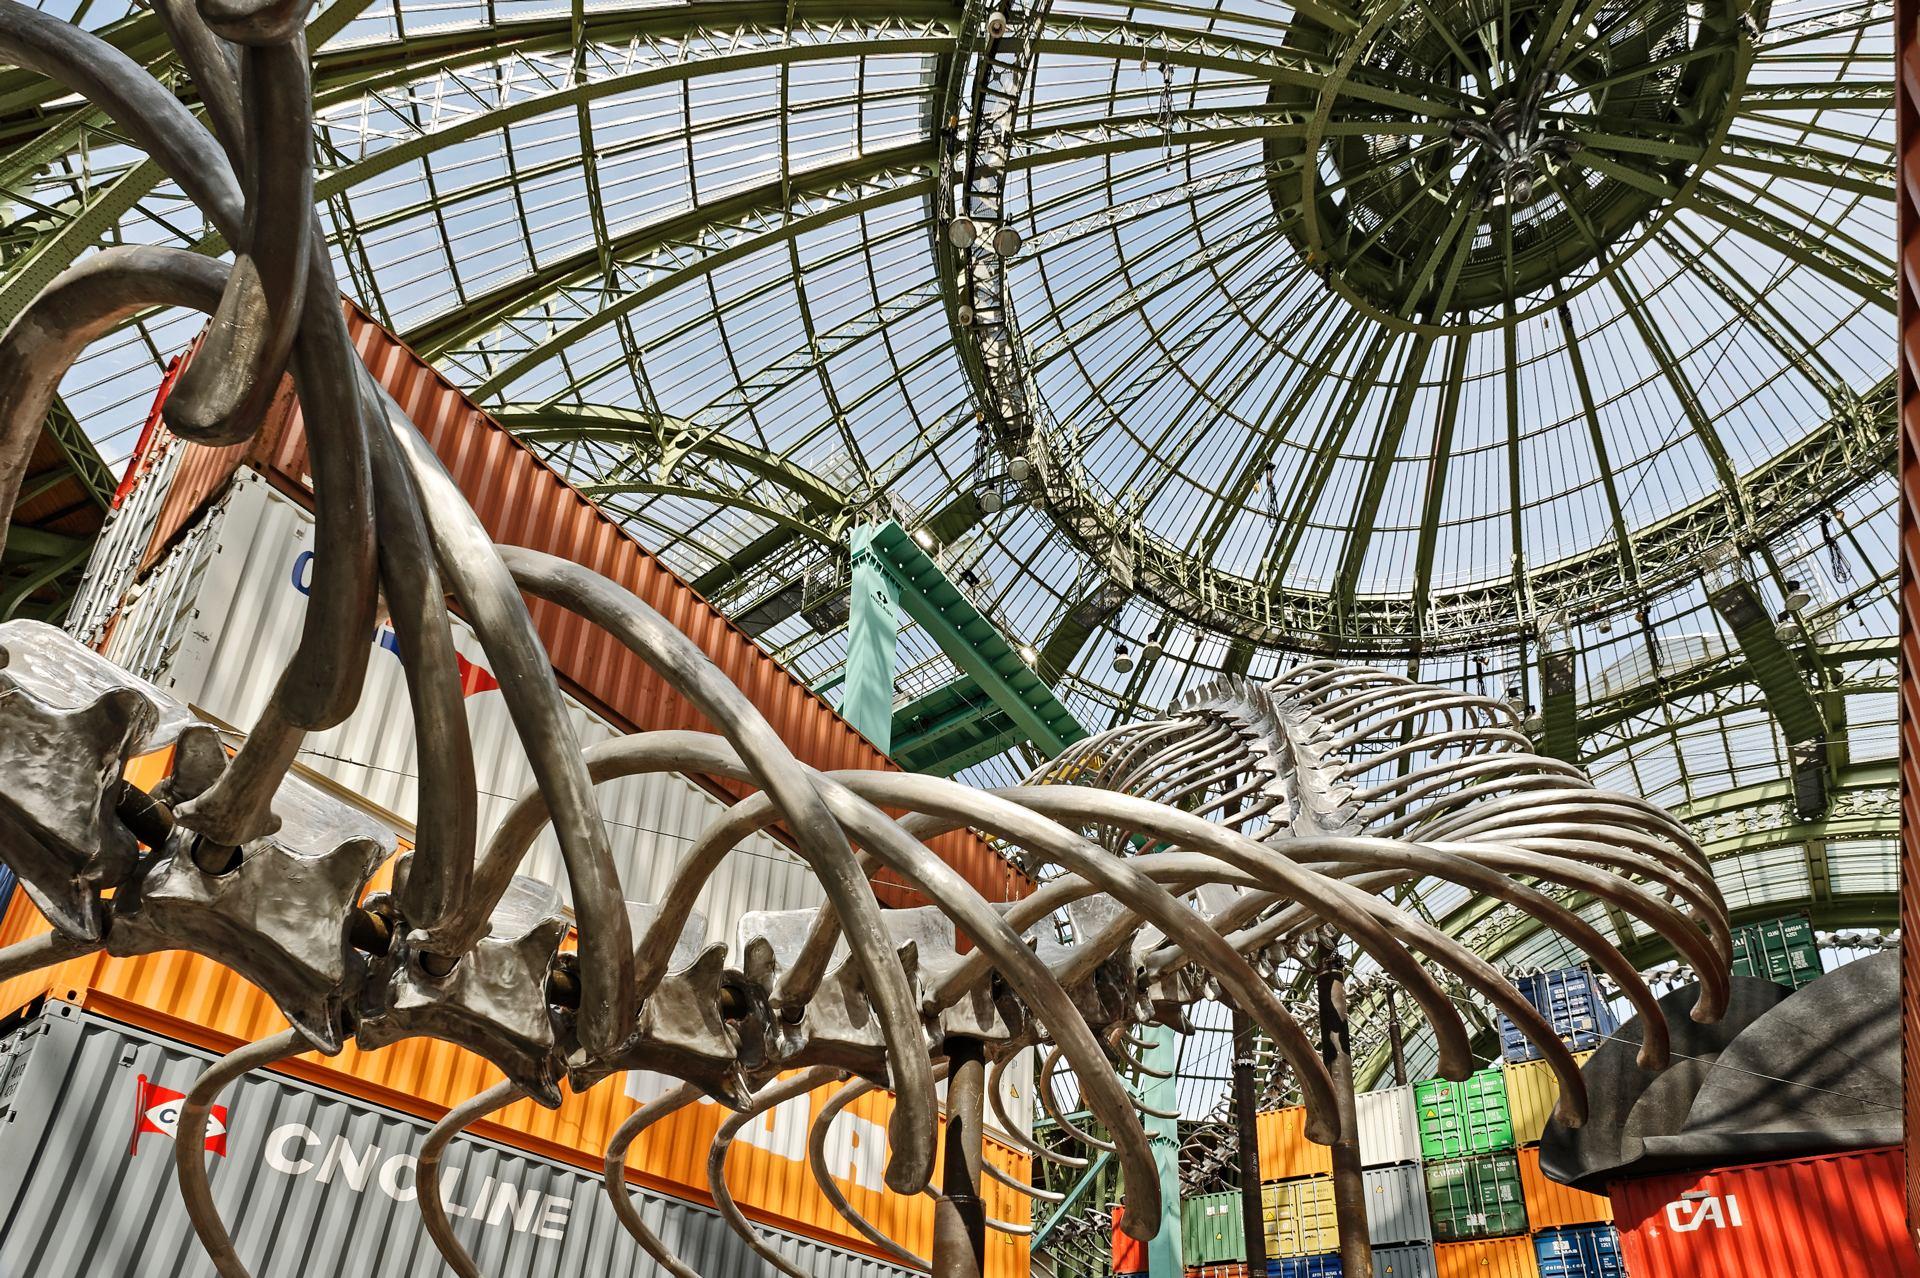 Gigantisme plasticien et architectural